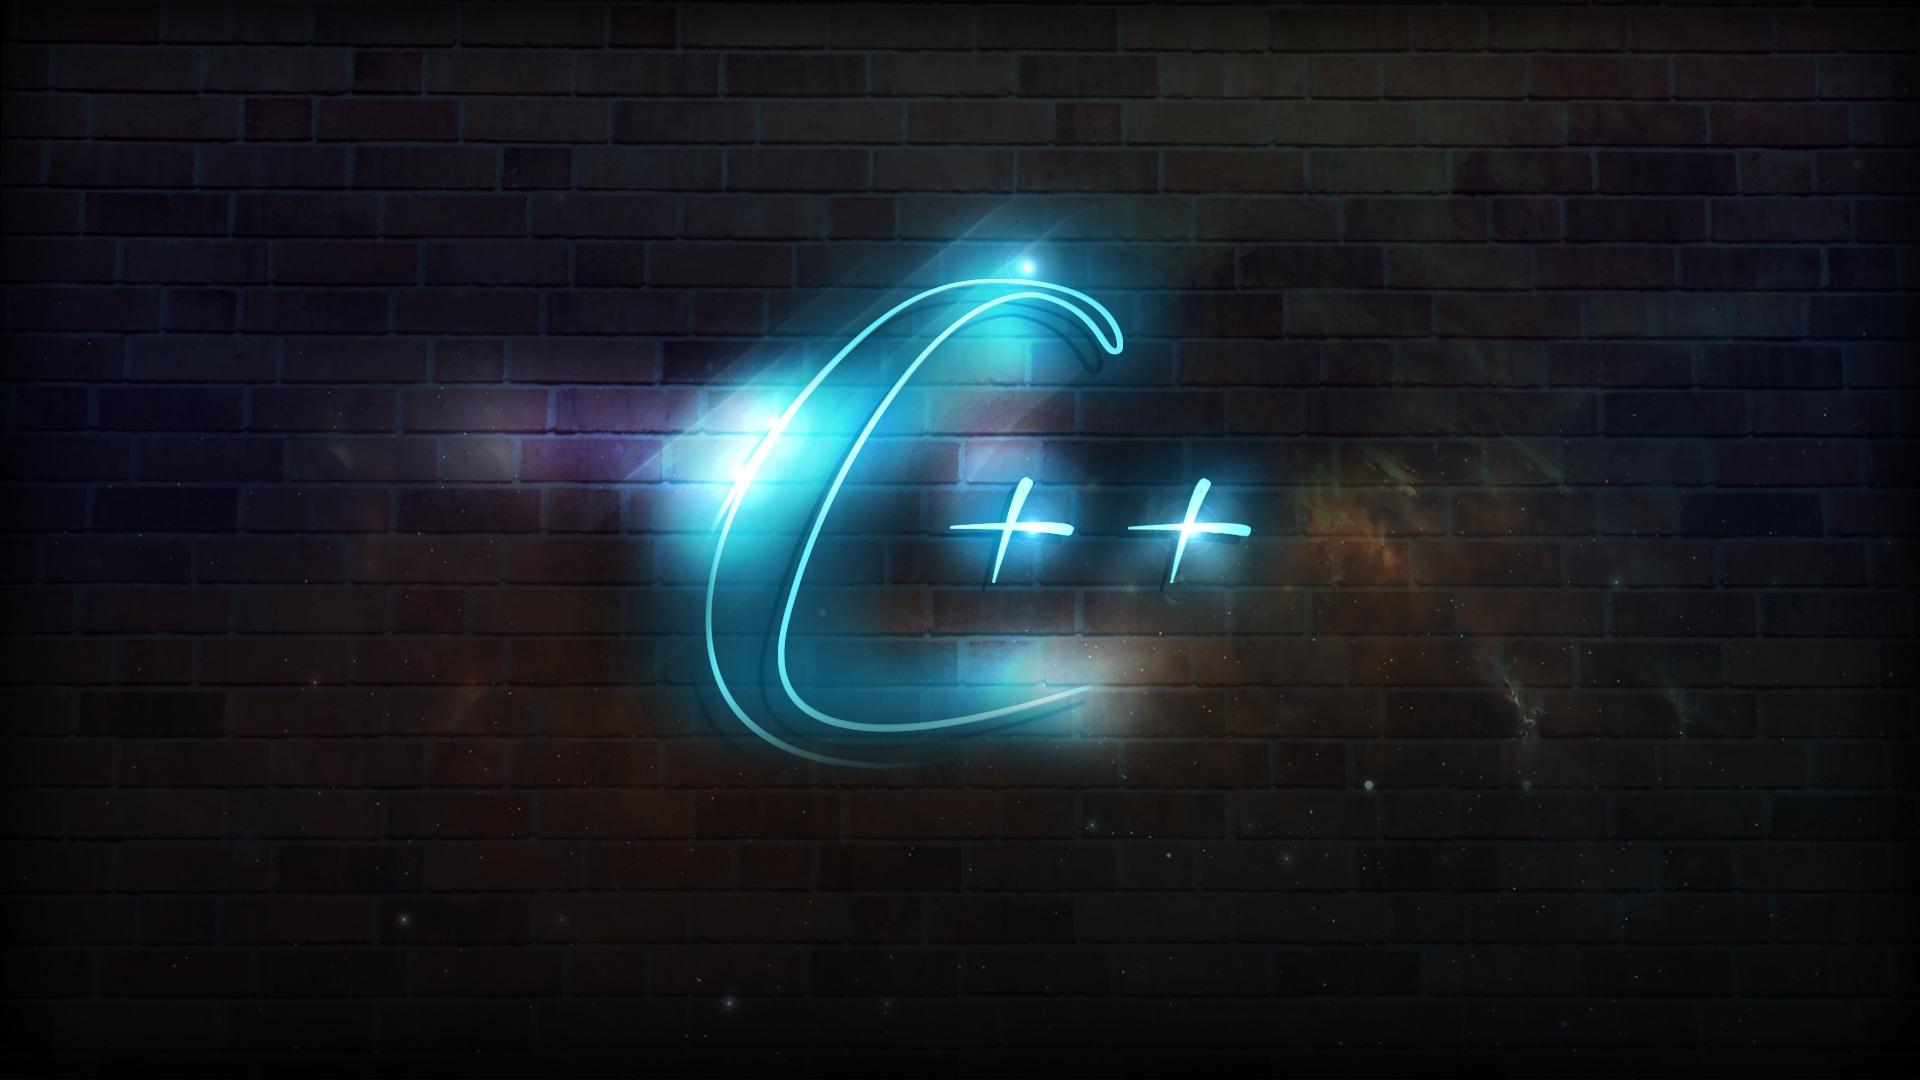 C++ Applicazione Grafica Windows